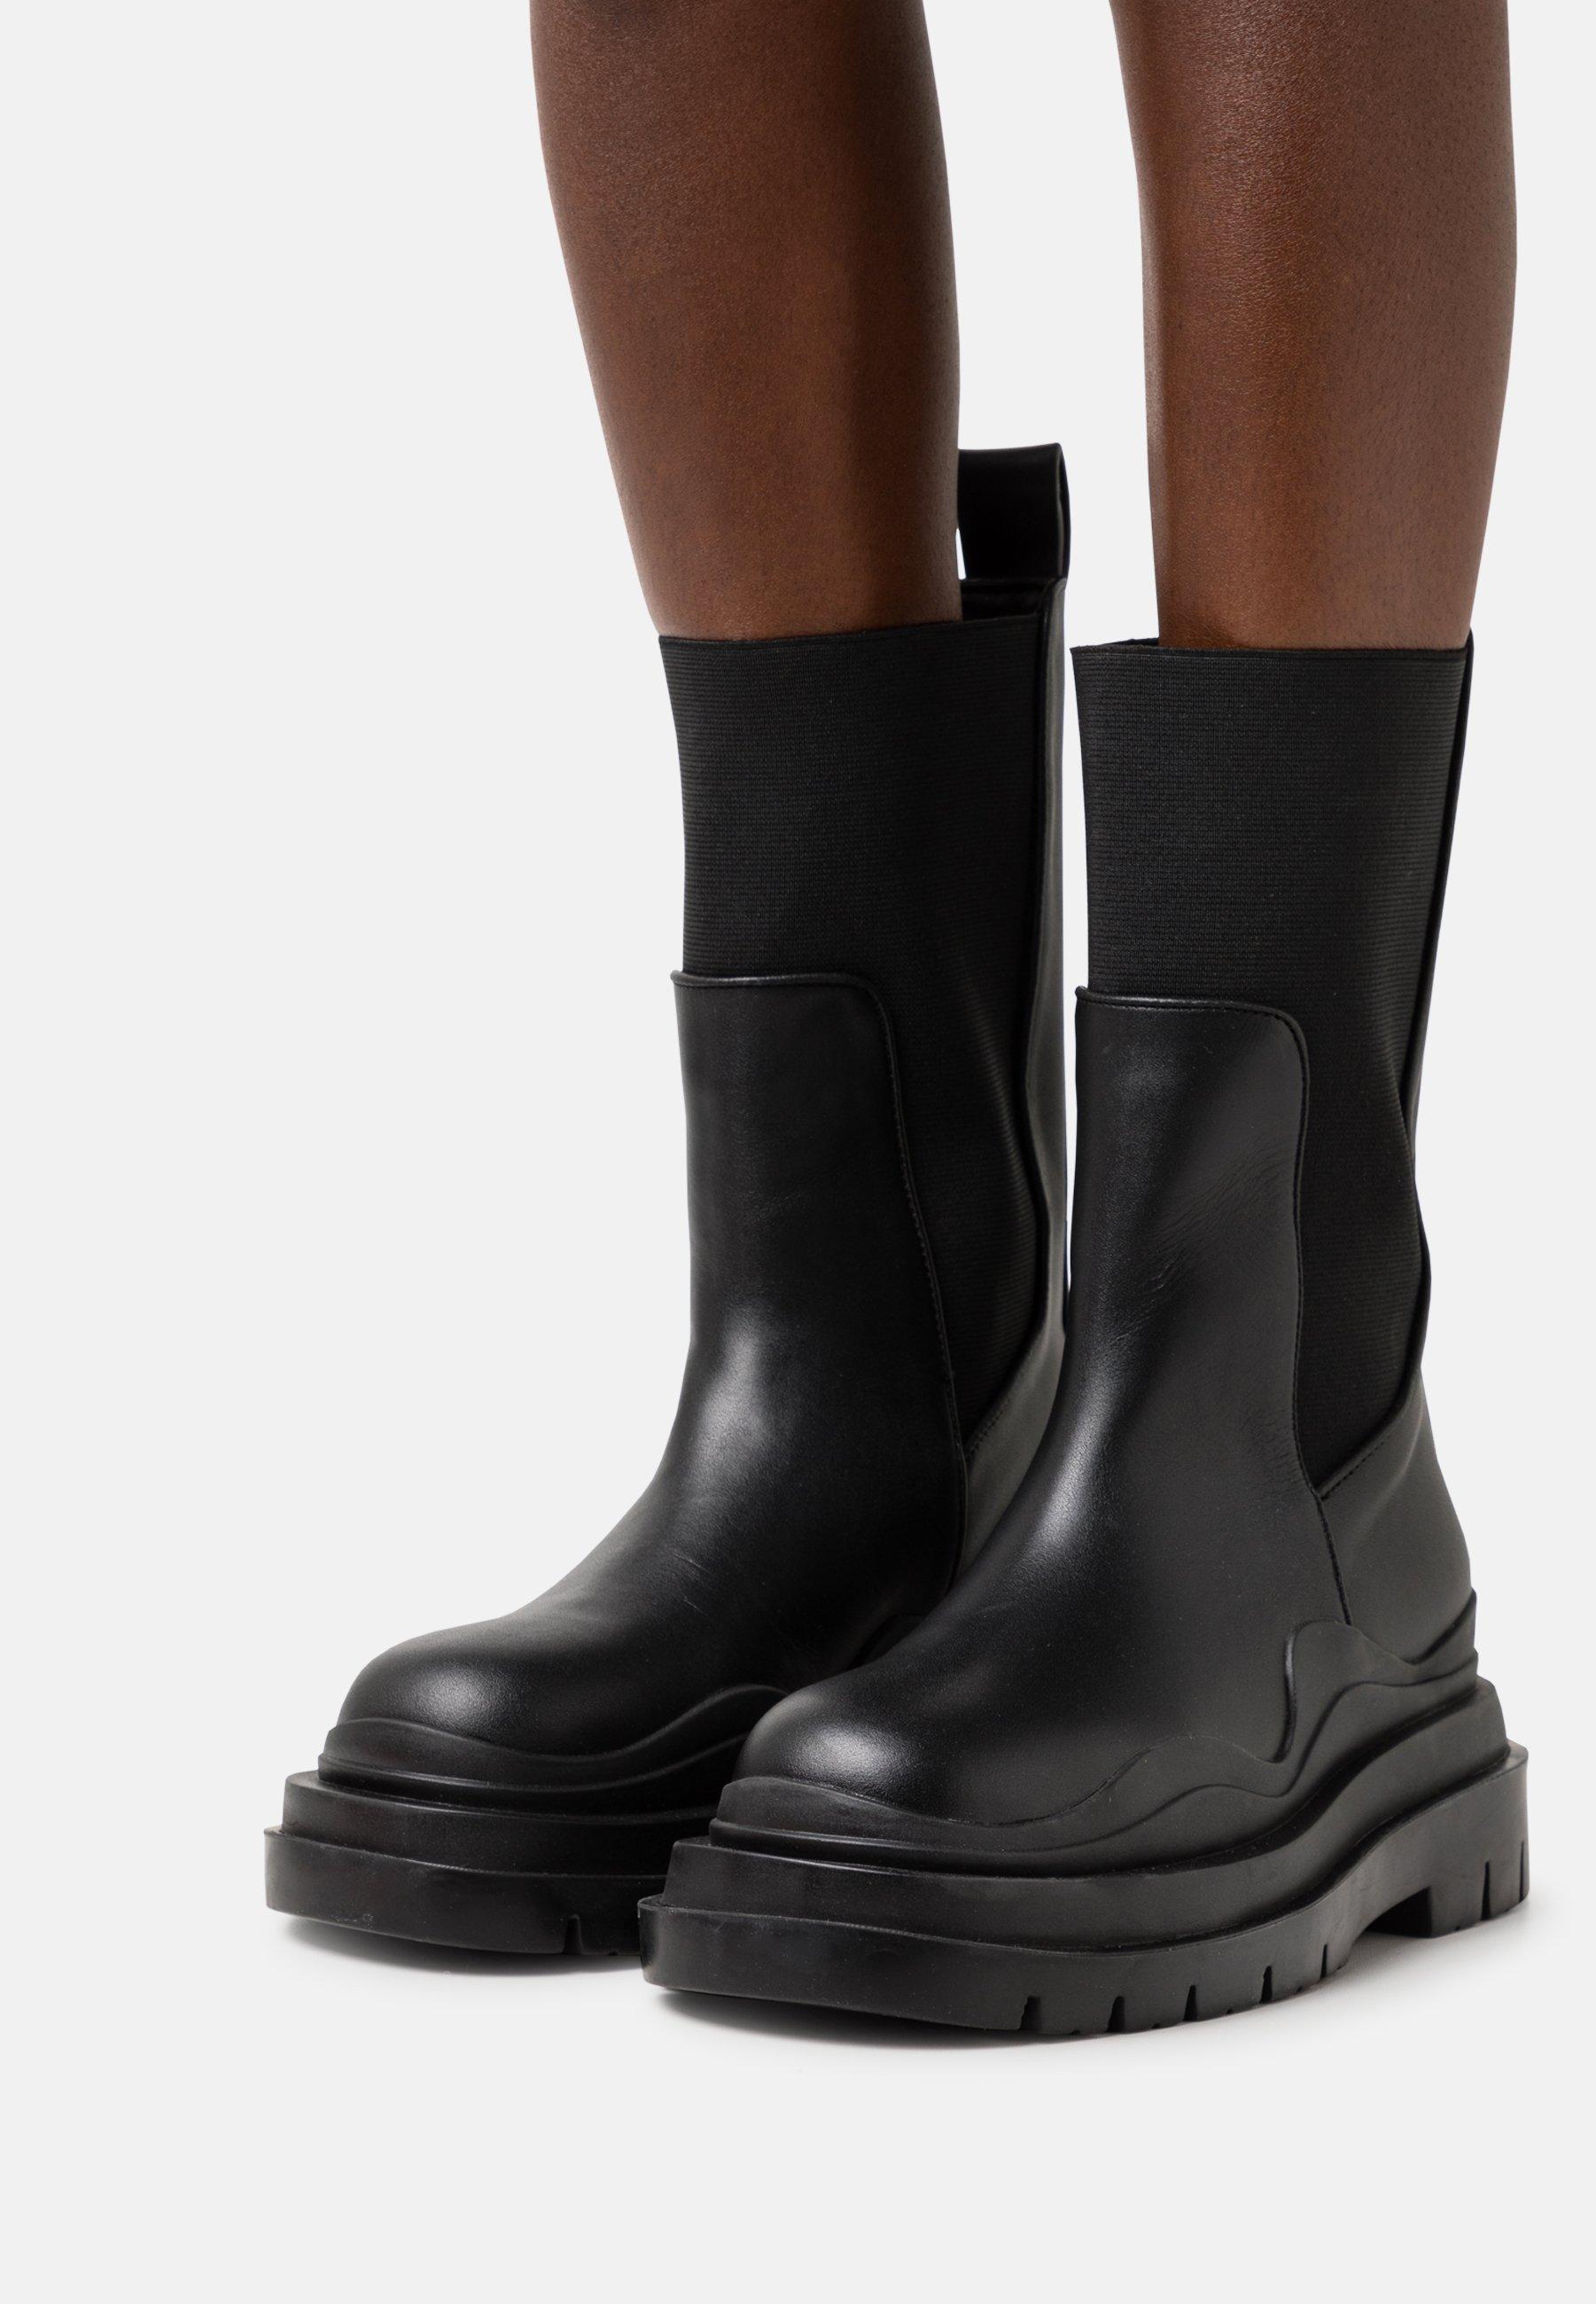 Women LIGHT UP THE SKY - Platform boots